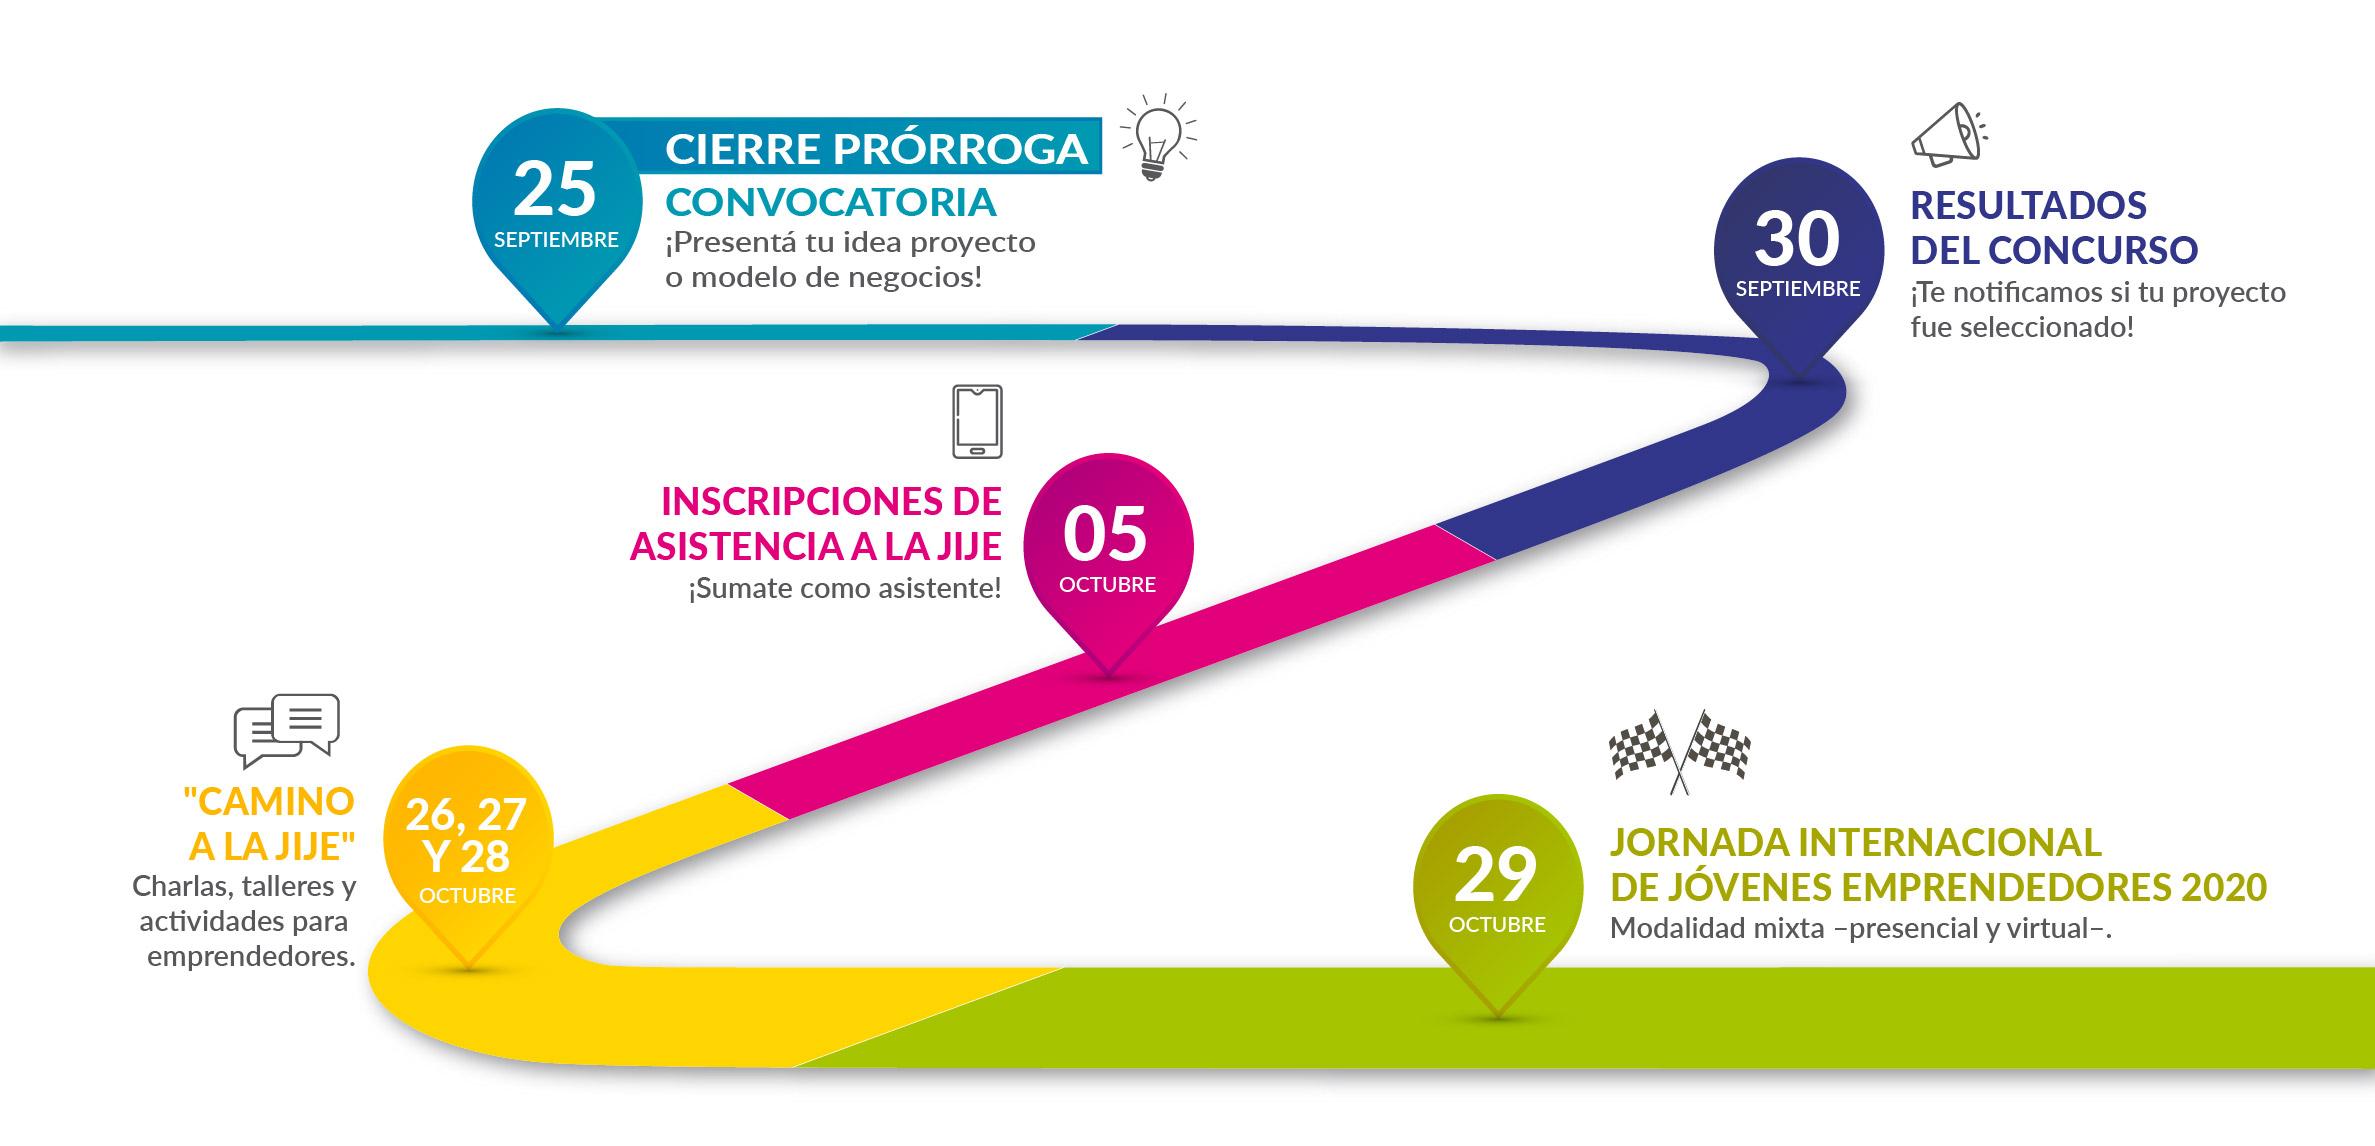 infografia_procesoJIJE_prorroga-01